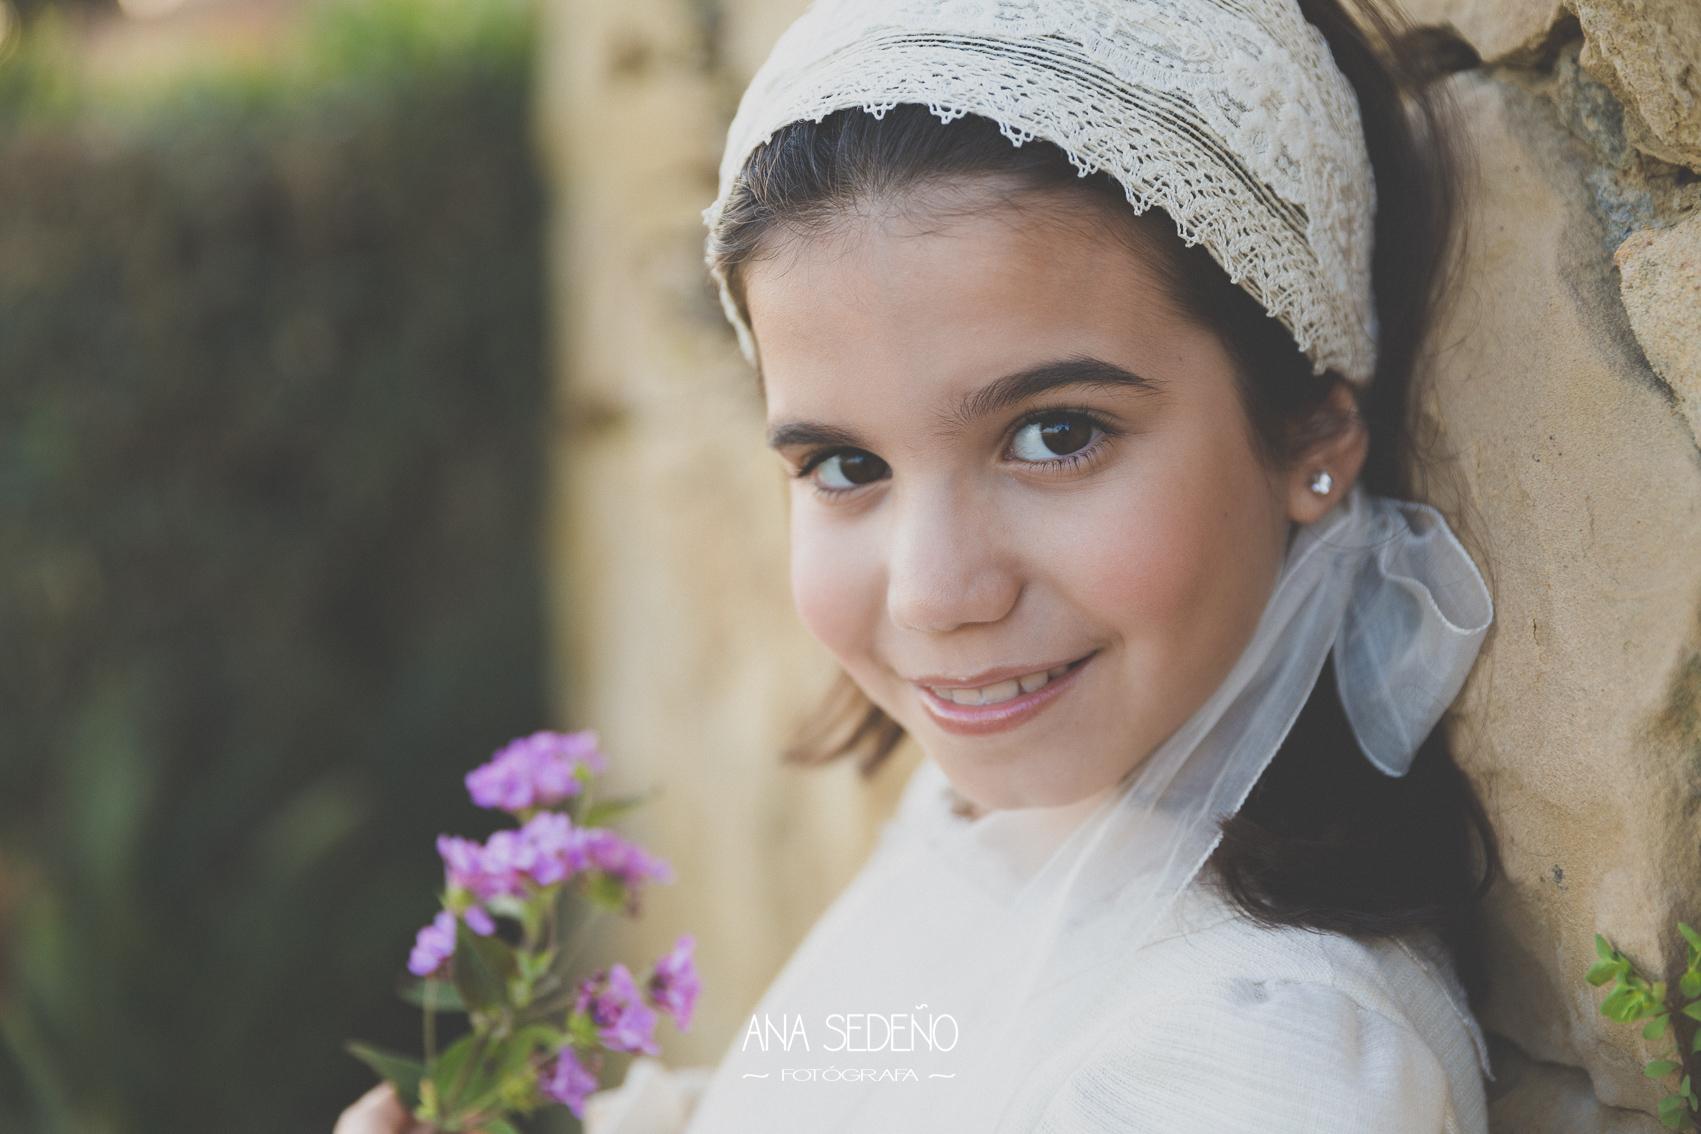 Ana Sedeño Fotografa.-Laura-0110